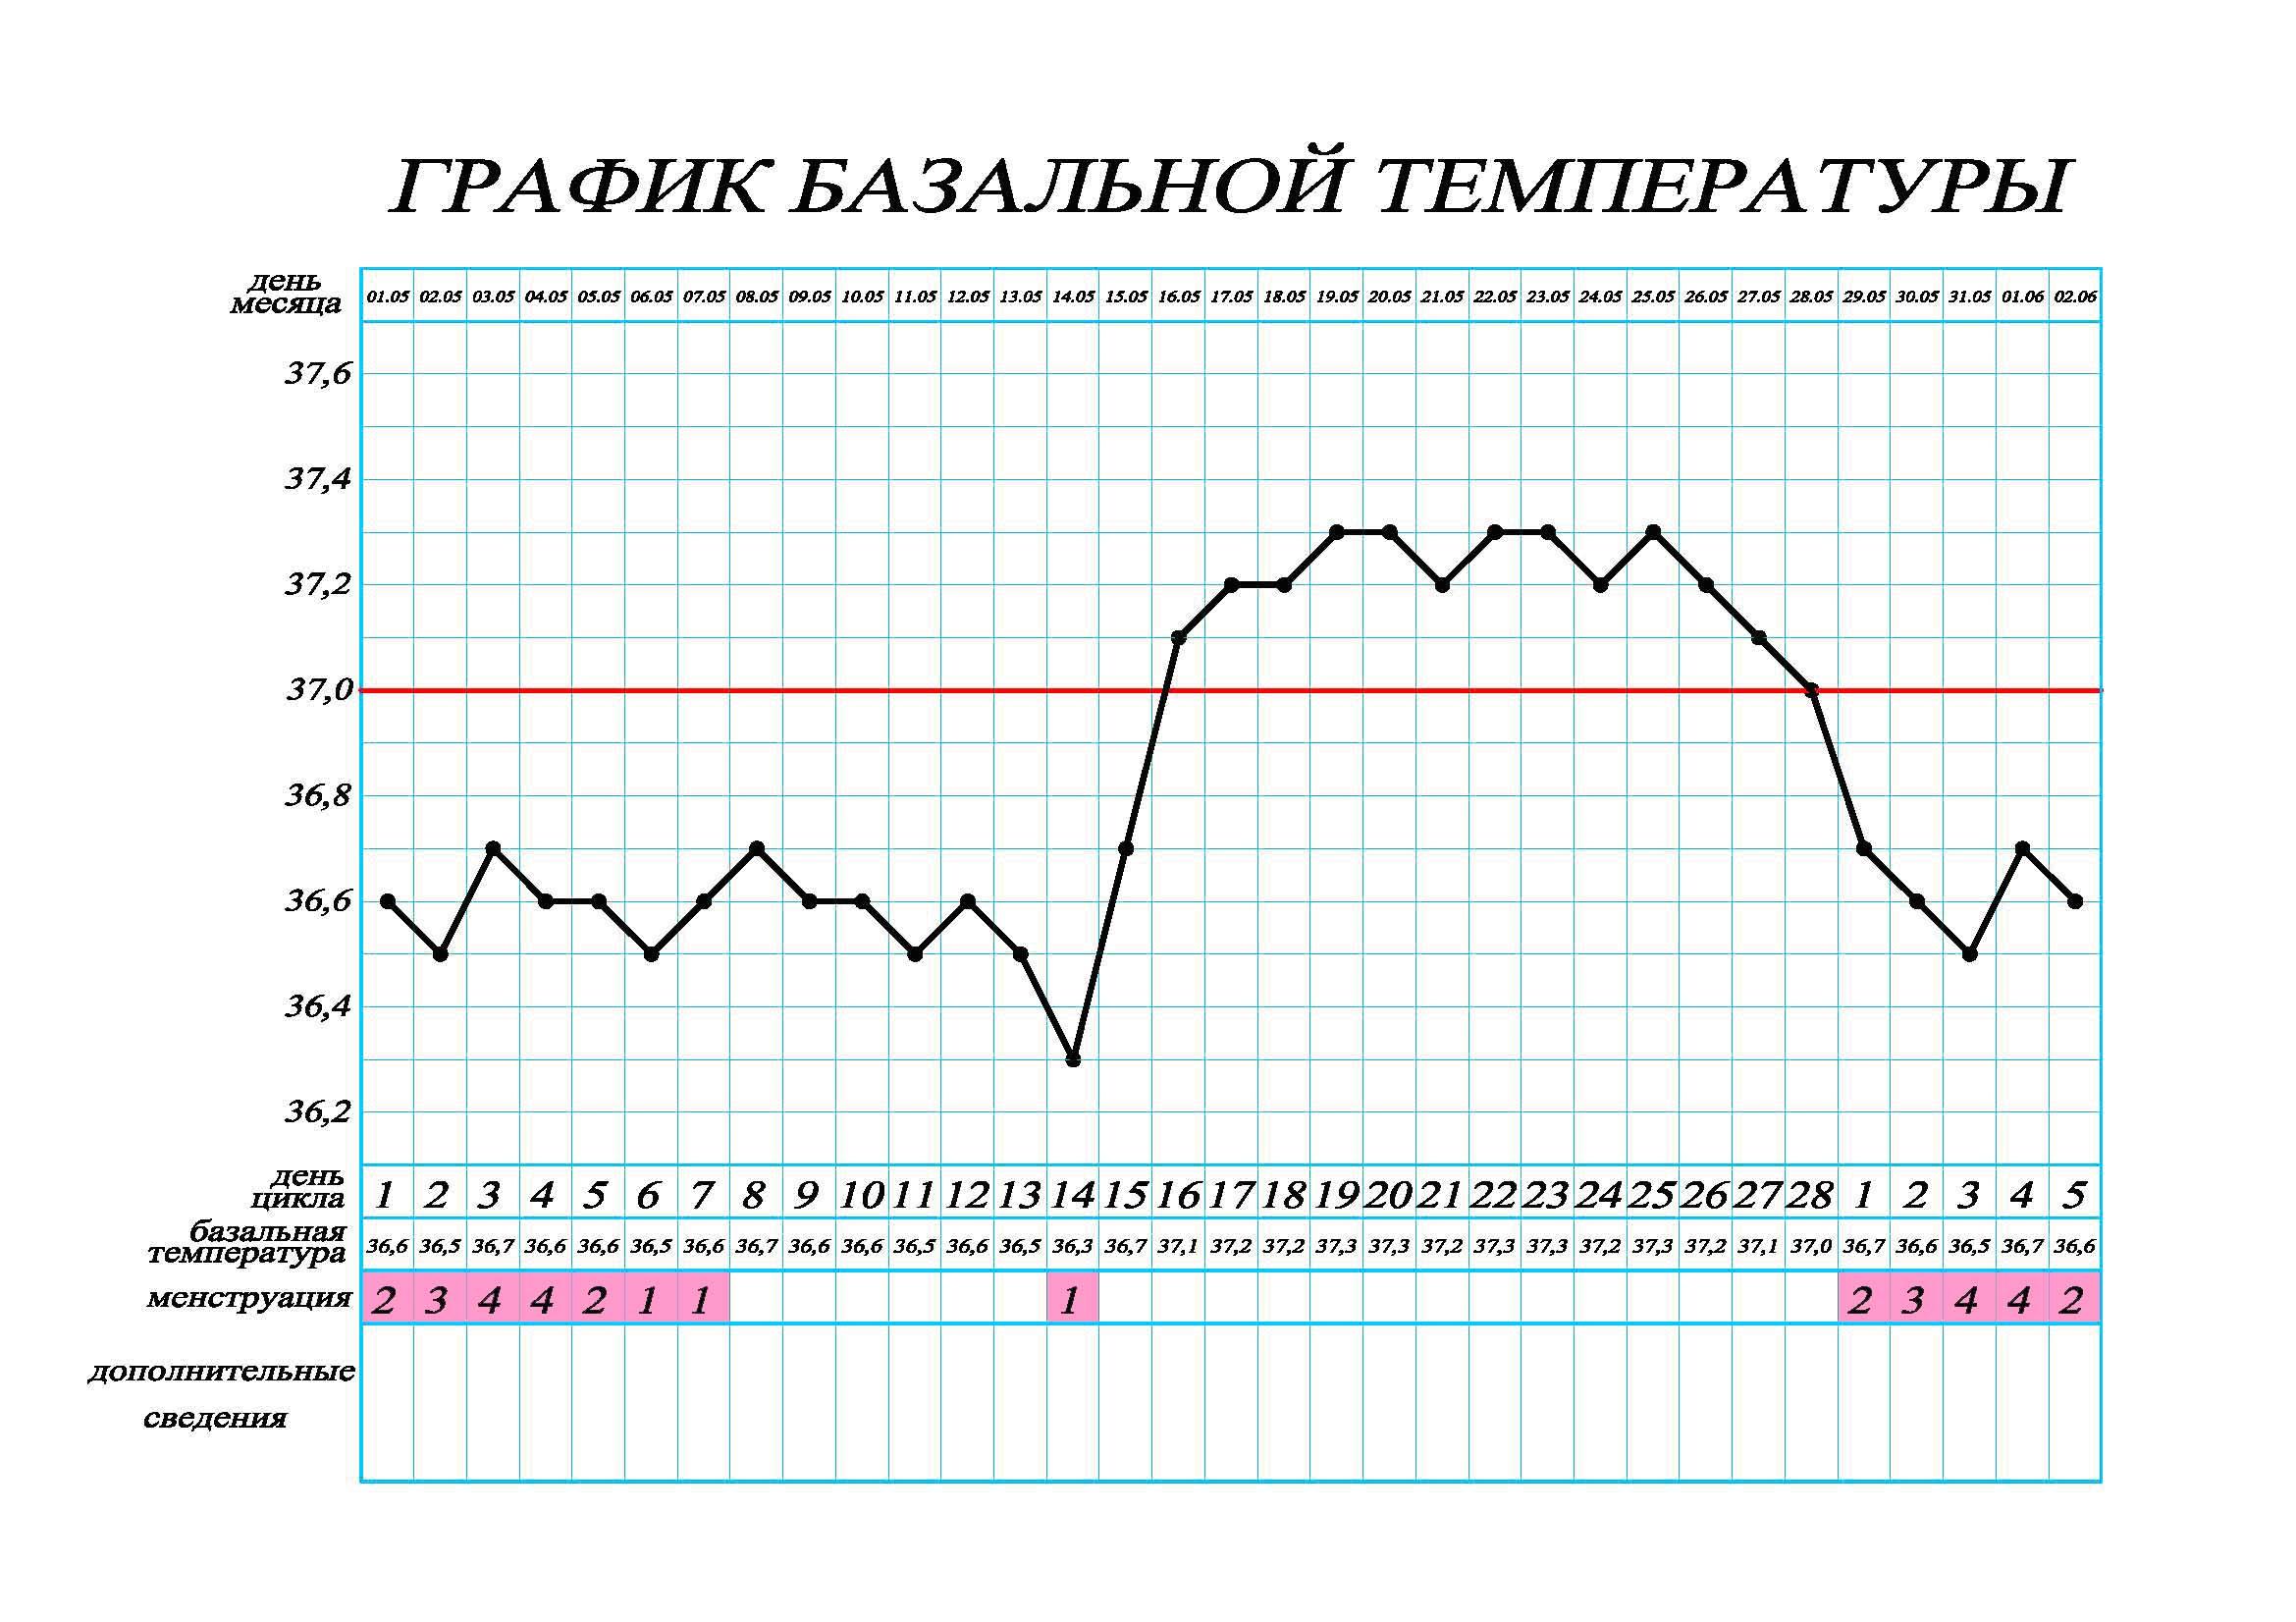 Как измерить температуру базальную для определения беременности?